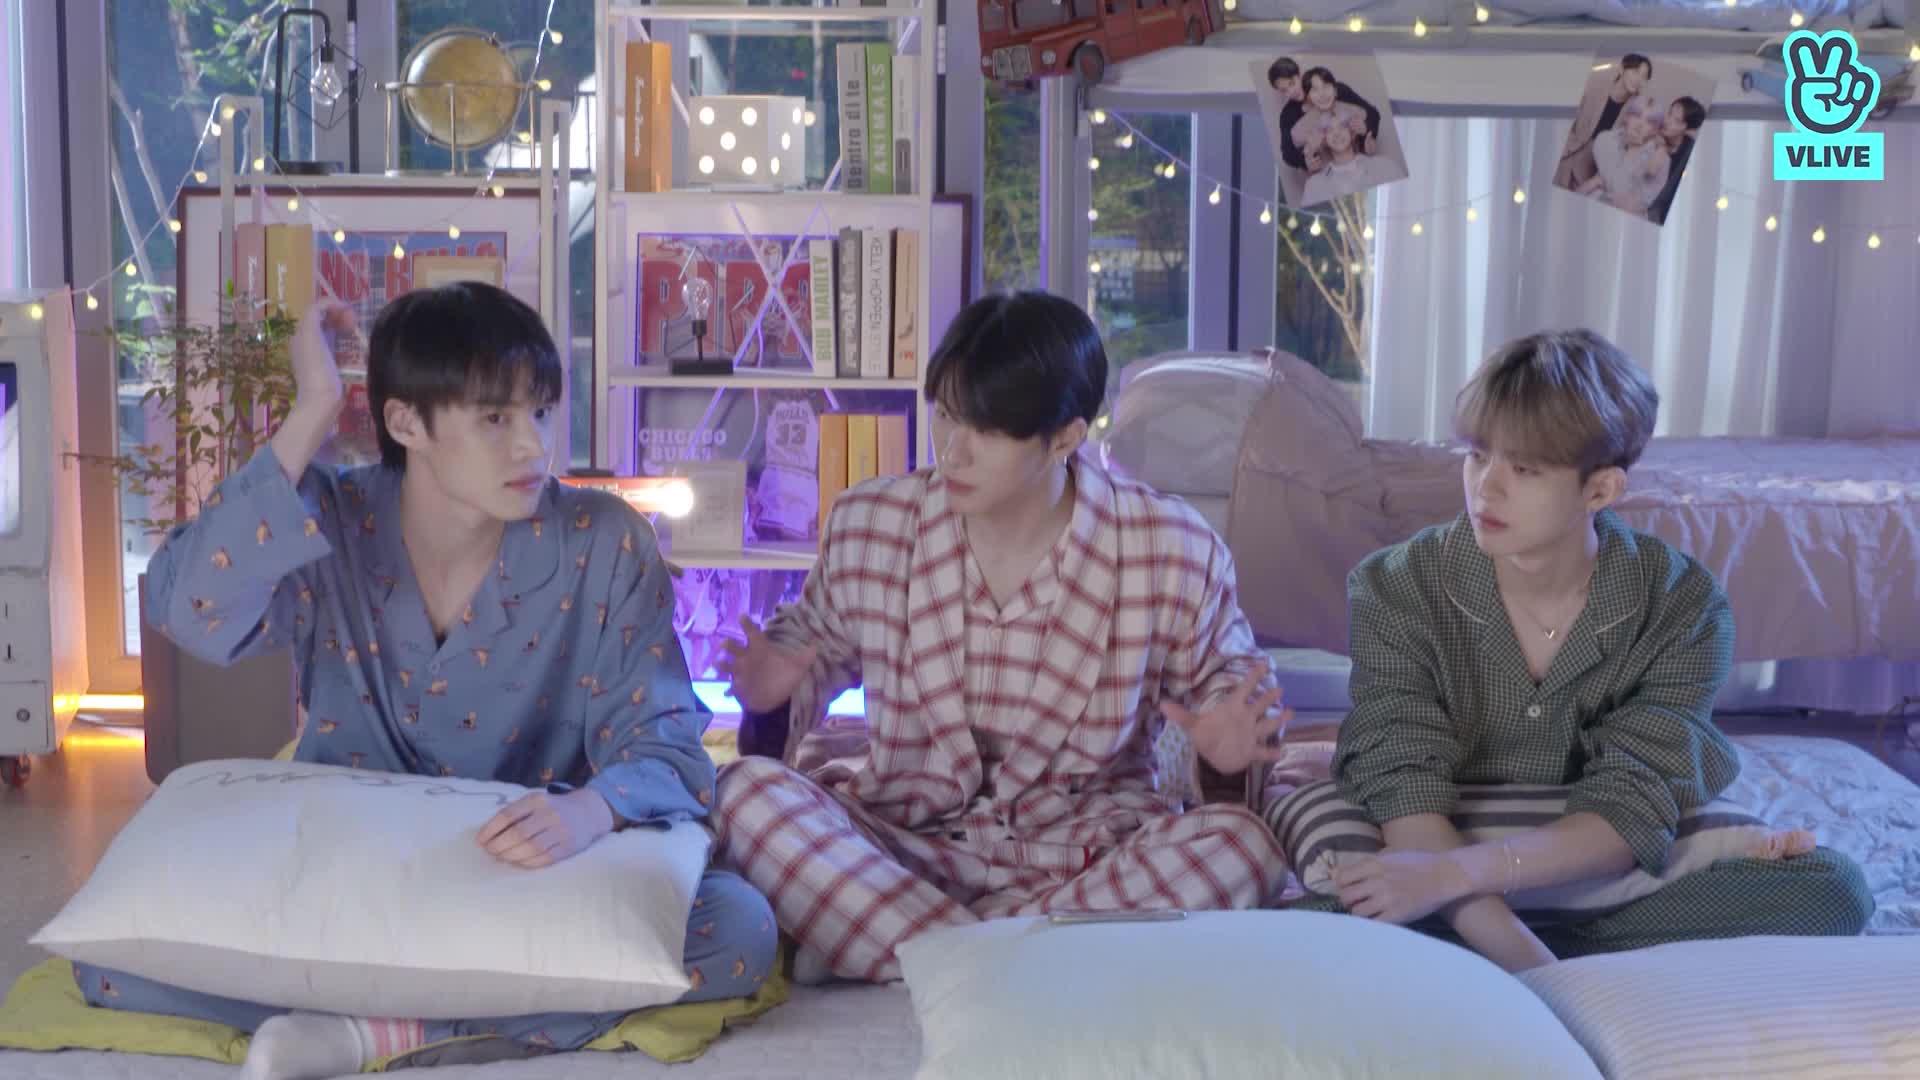 [Replay] VICTON SeungSik&SeJun&SuBin X LieV - 빅톤 승식&세준&수빈의 눕방라이브!